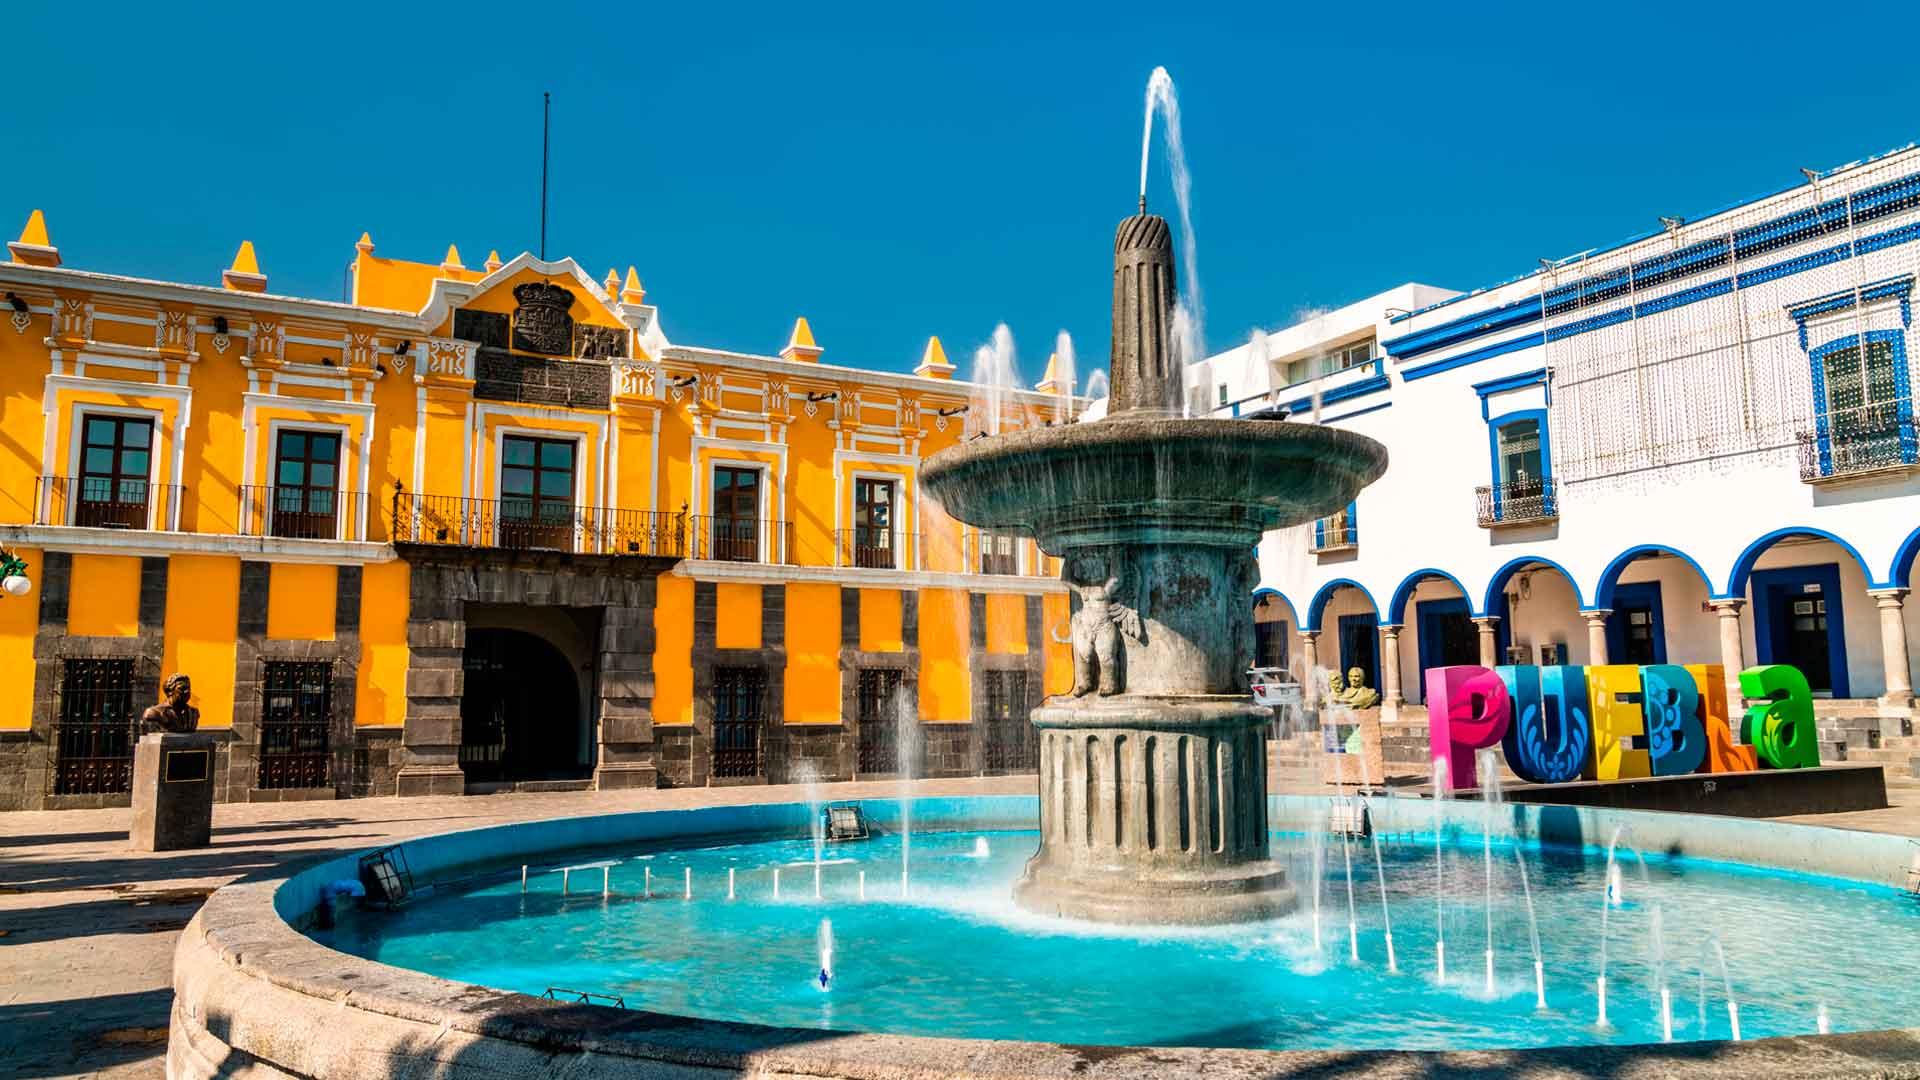 ¿Qué hacer en la ciudad de Puebla?